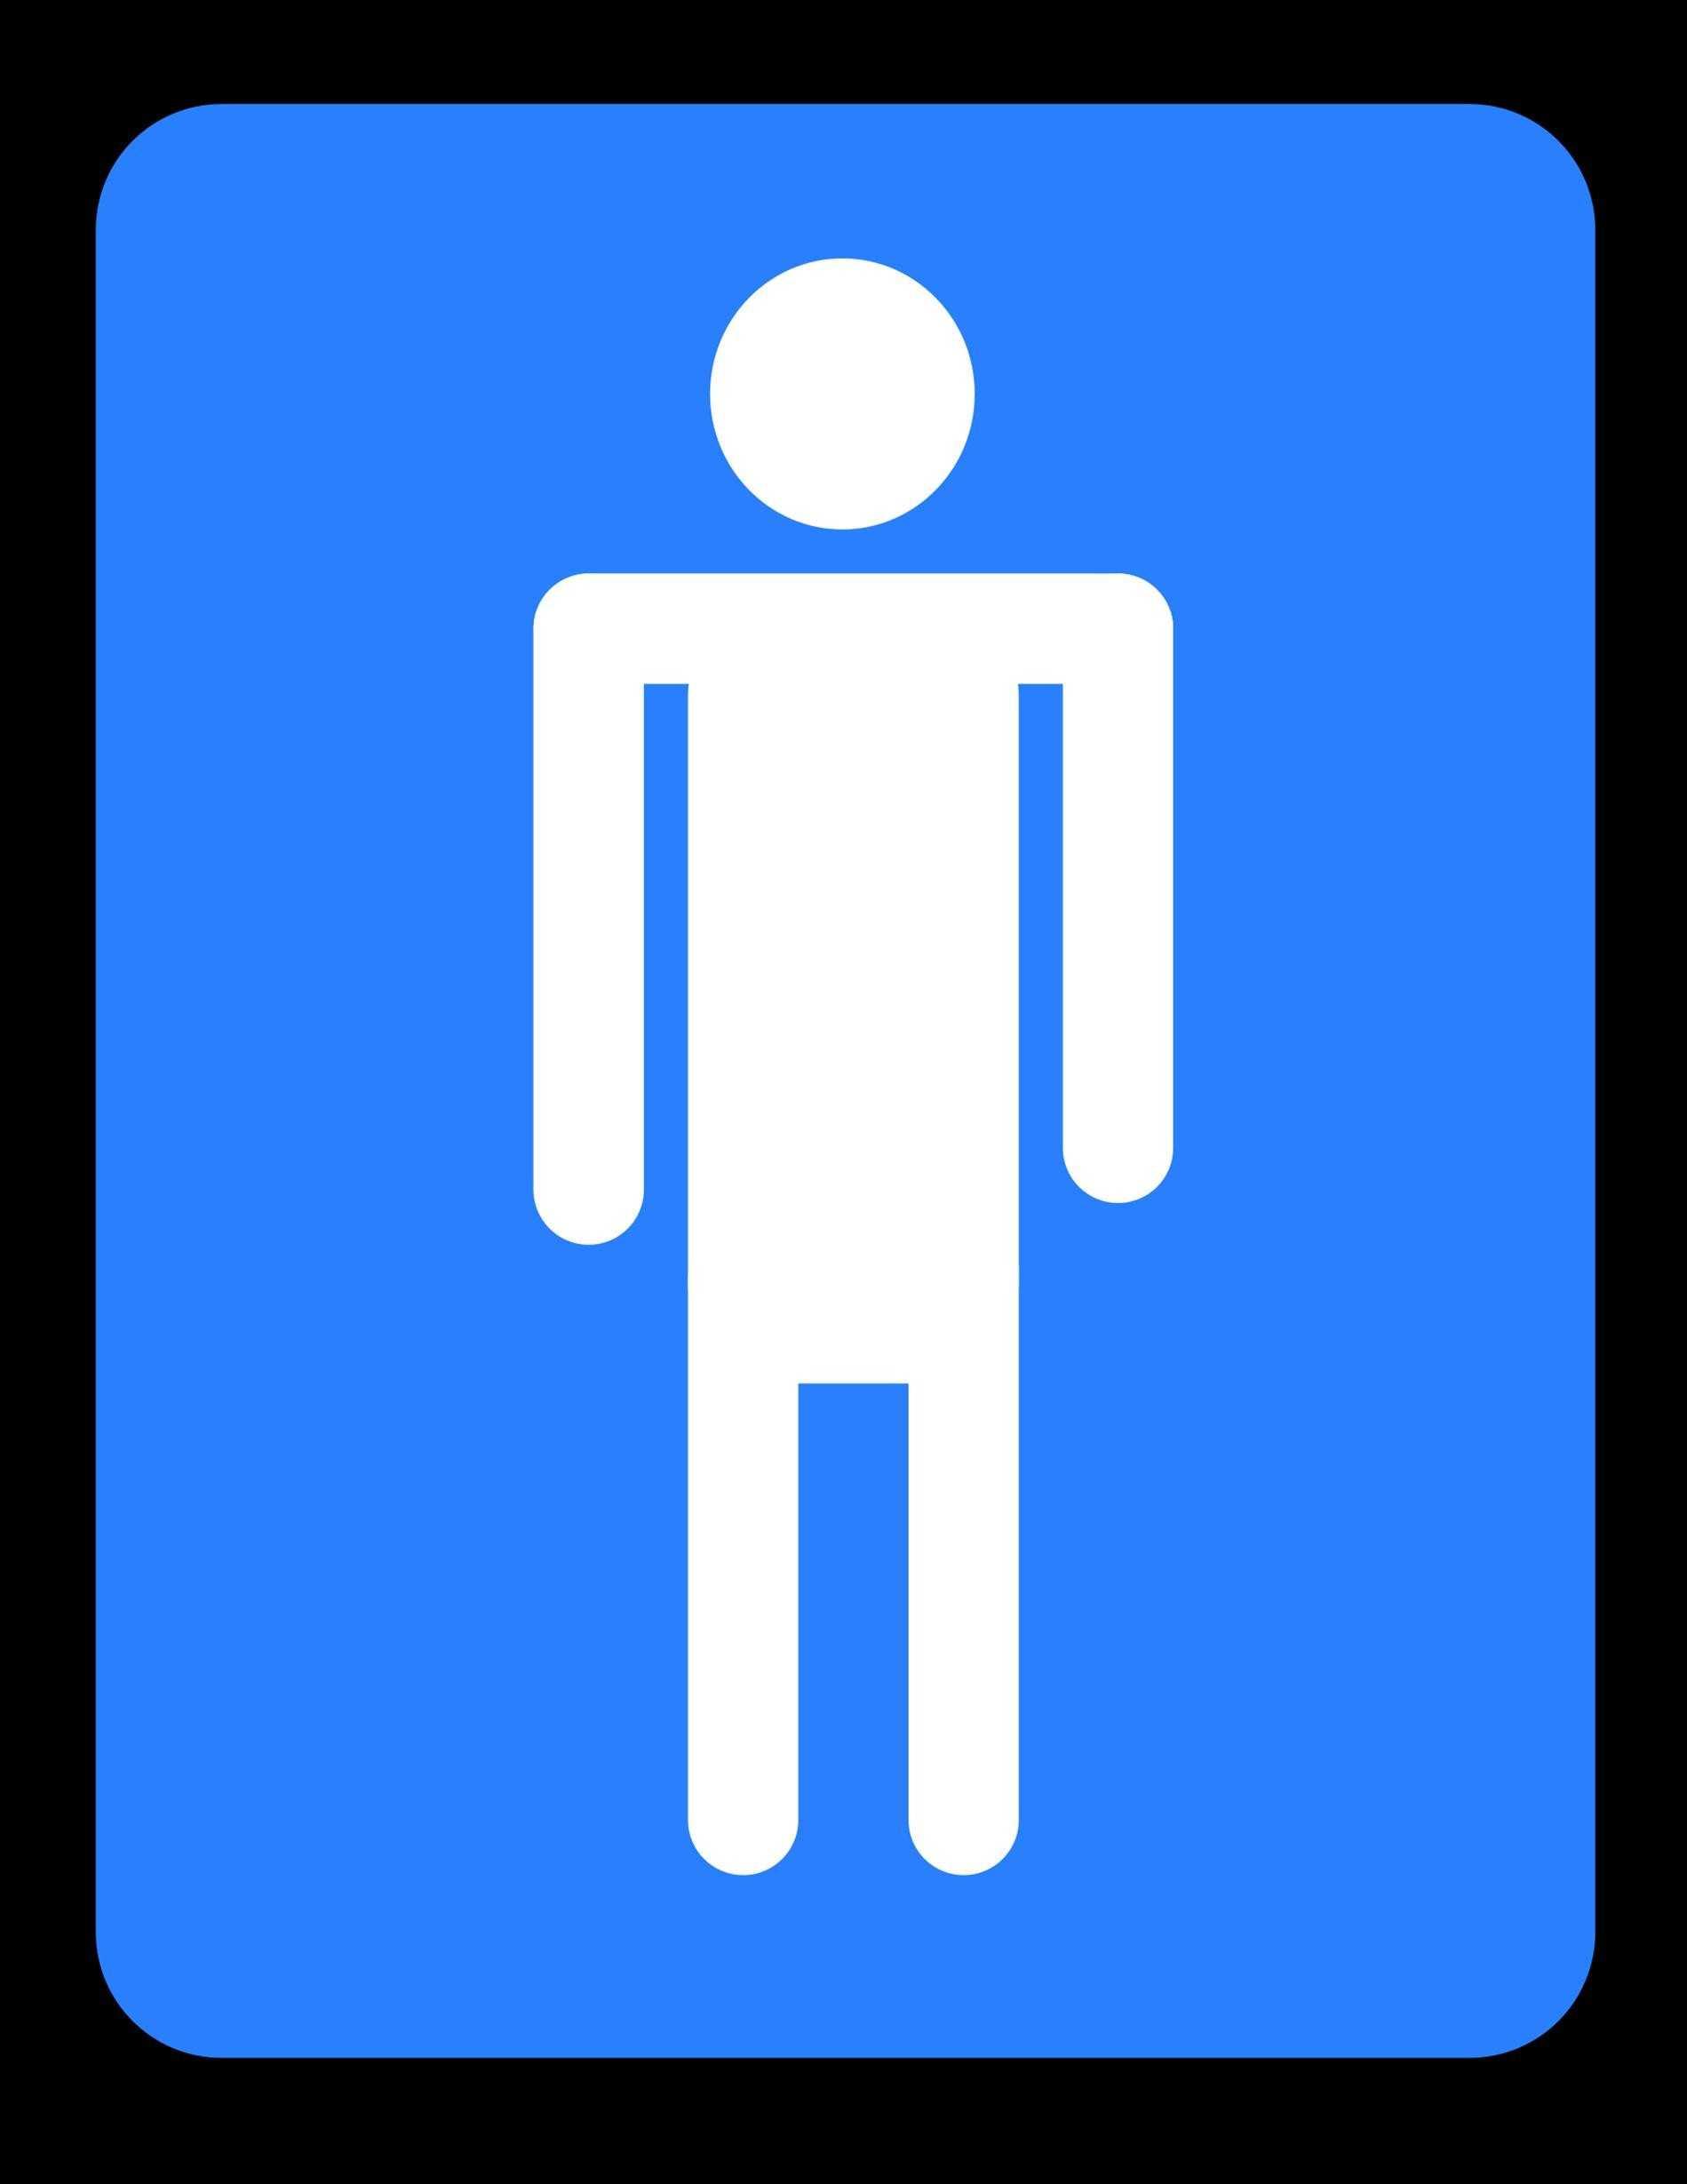 1899x2458 Bathroom Men Mens Bathroom Sign Png Restroom Icon